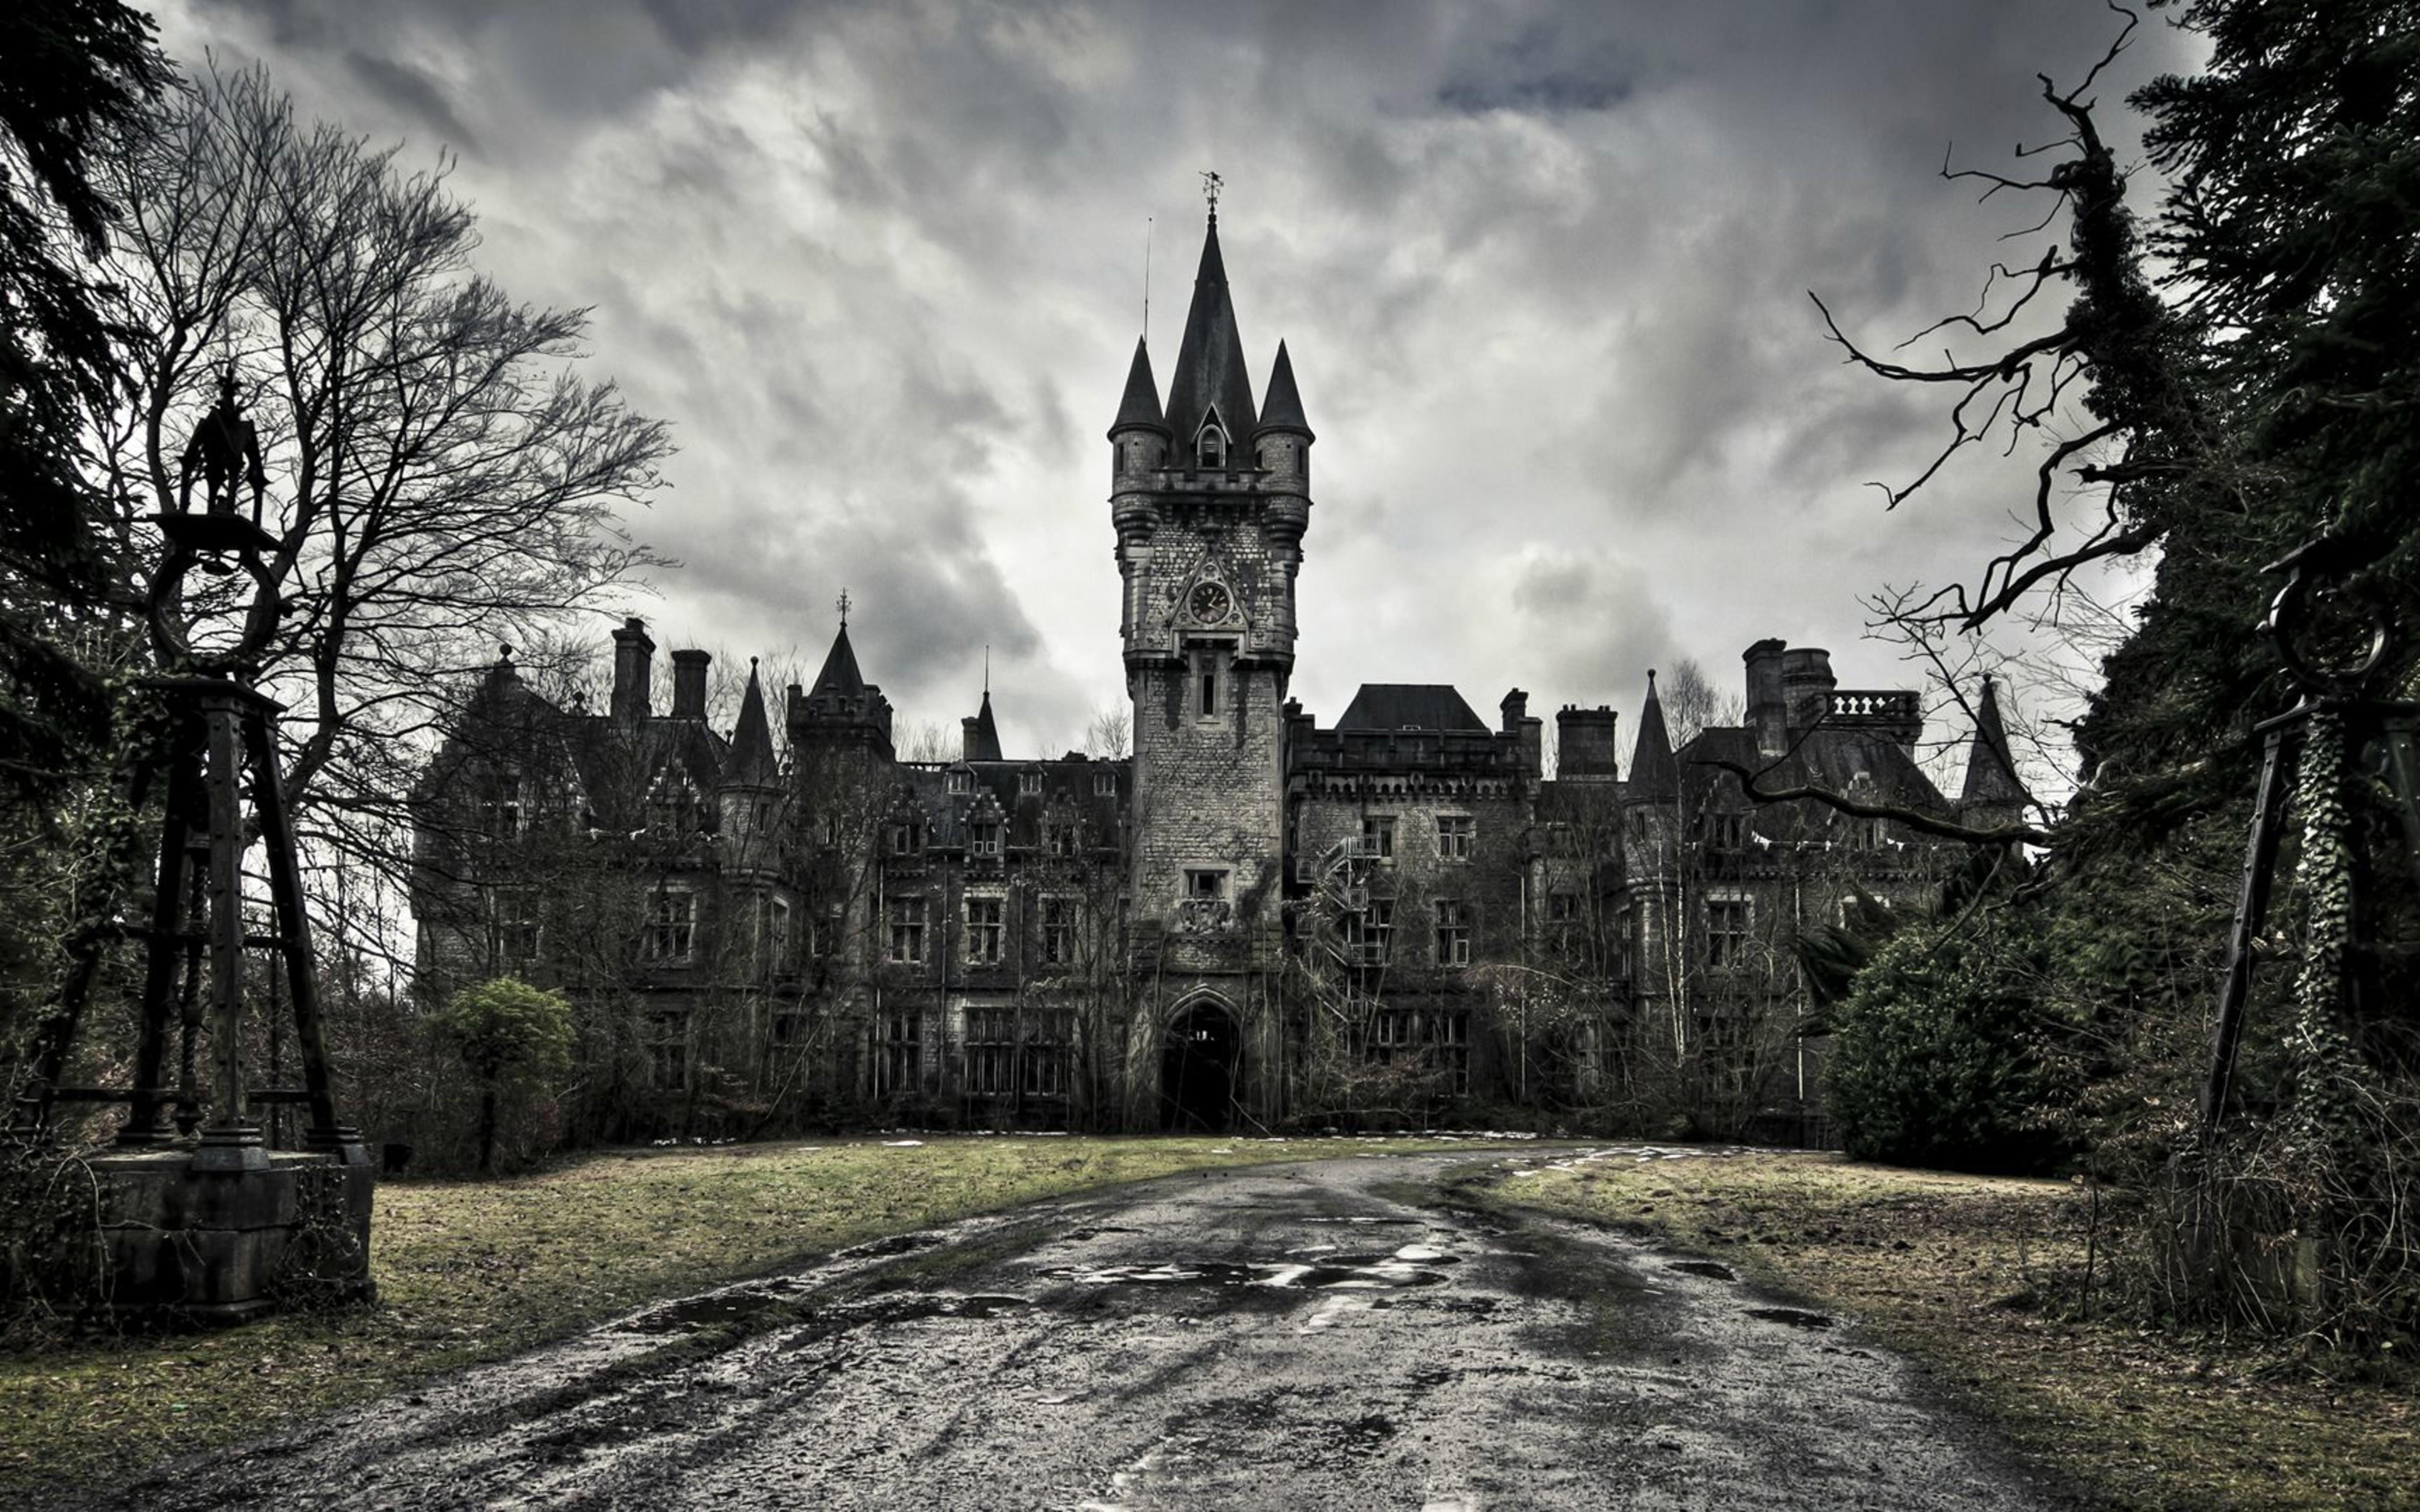 Мистические места мира. ТОП 7 замков с призраками, которые стоит посетить